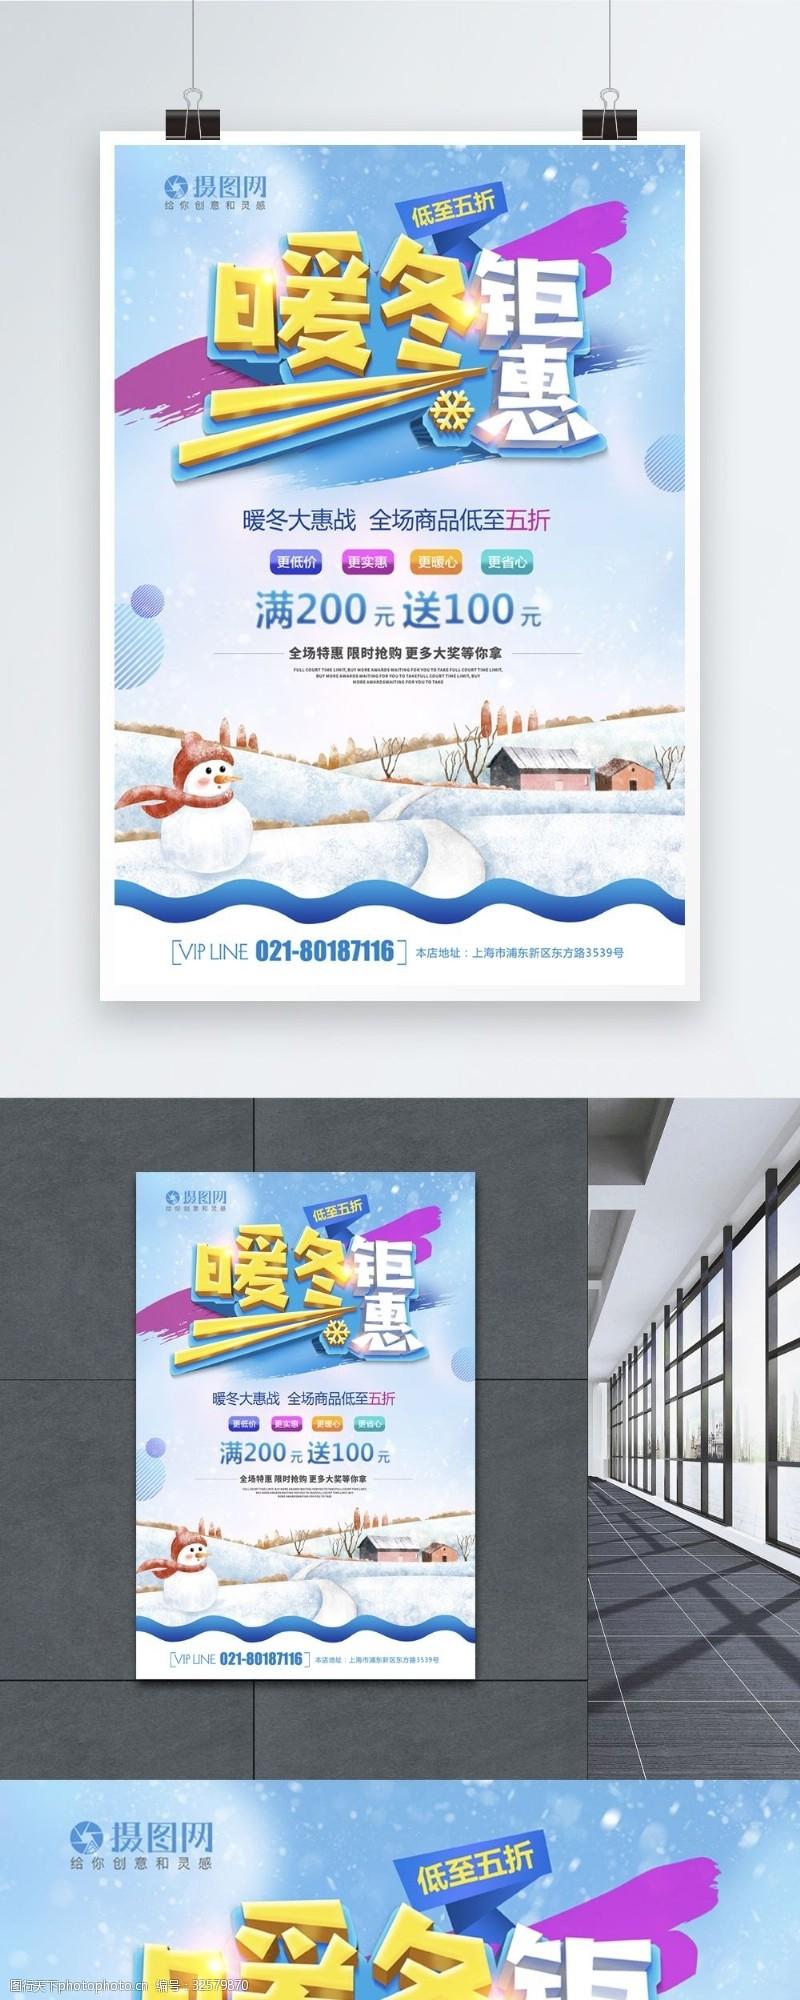 3d立体字3D立体字暖冬钜惠海报